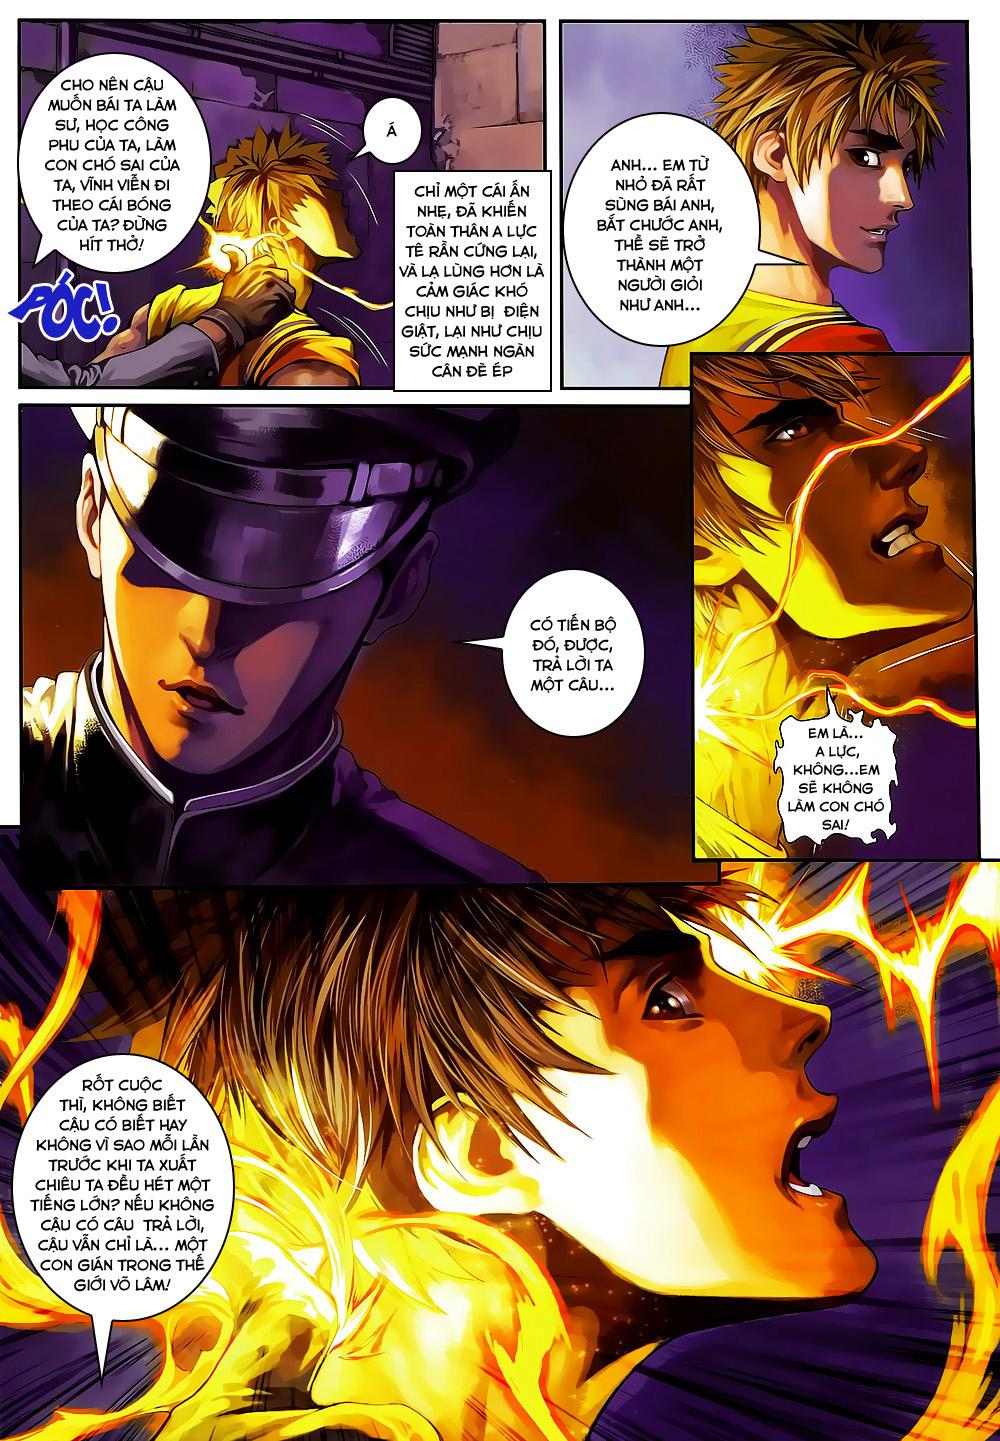 Quyền Đạo chapter 2 trang 4